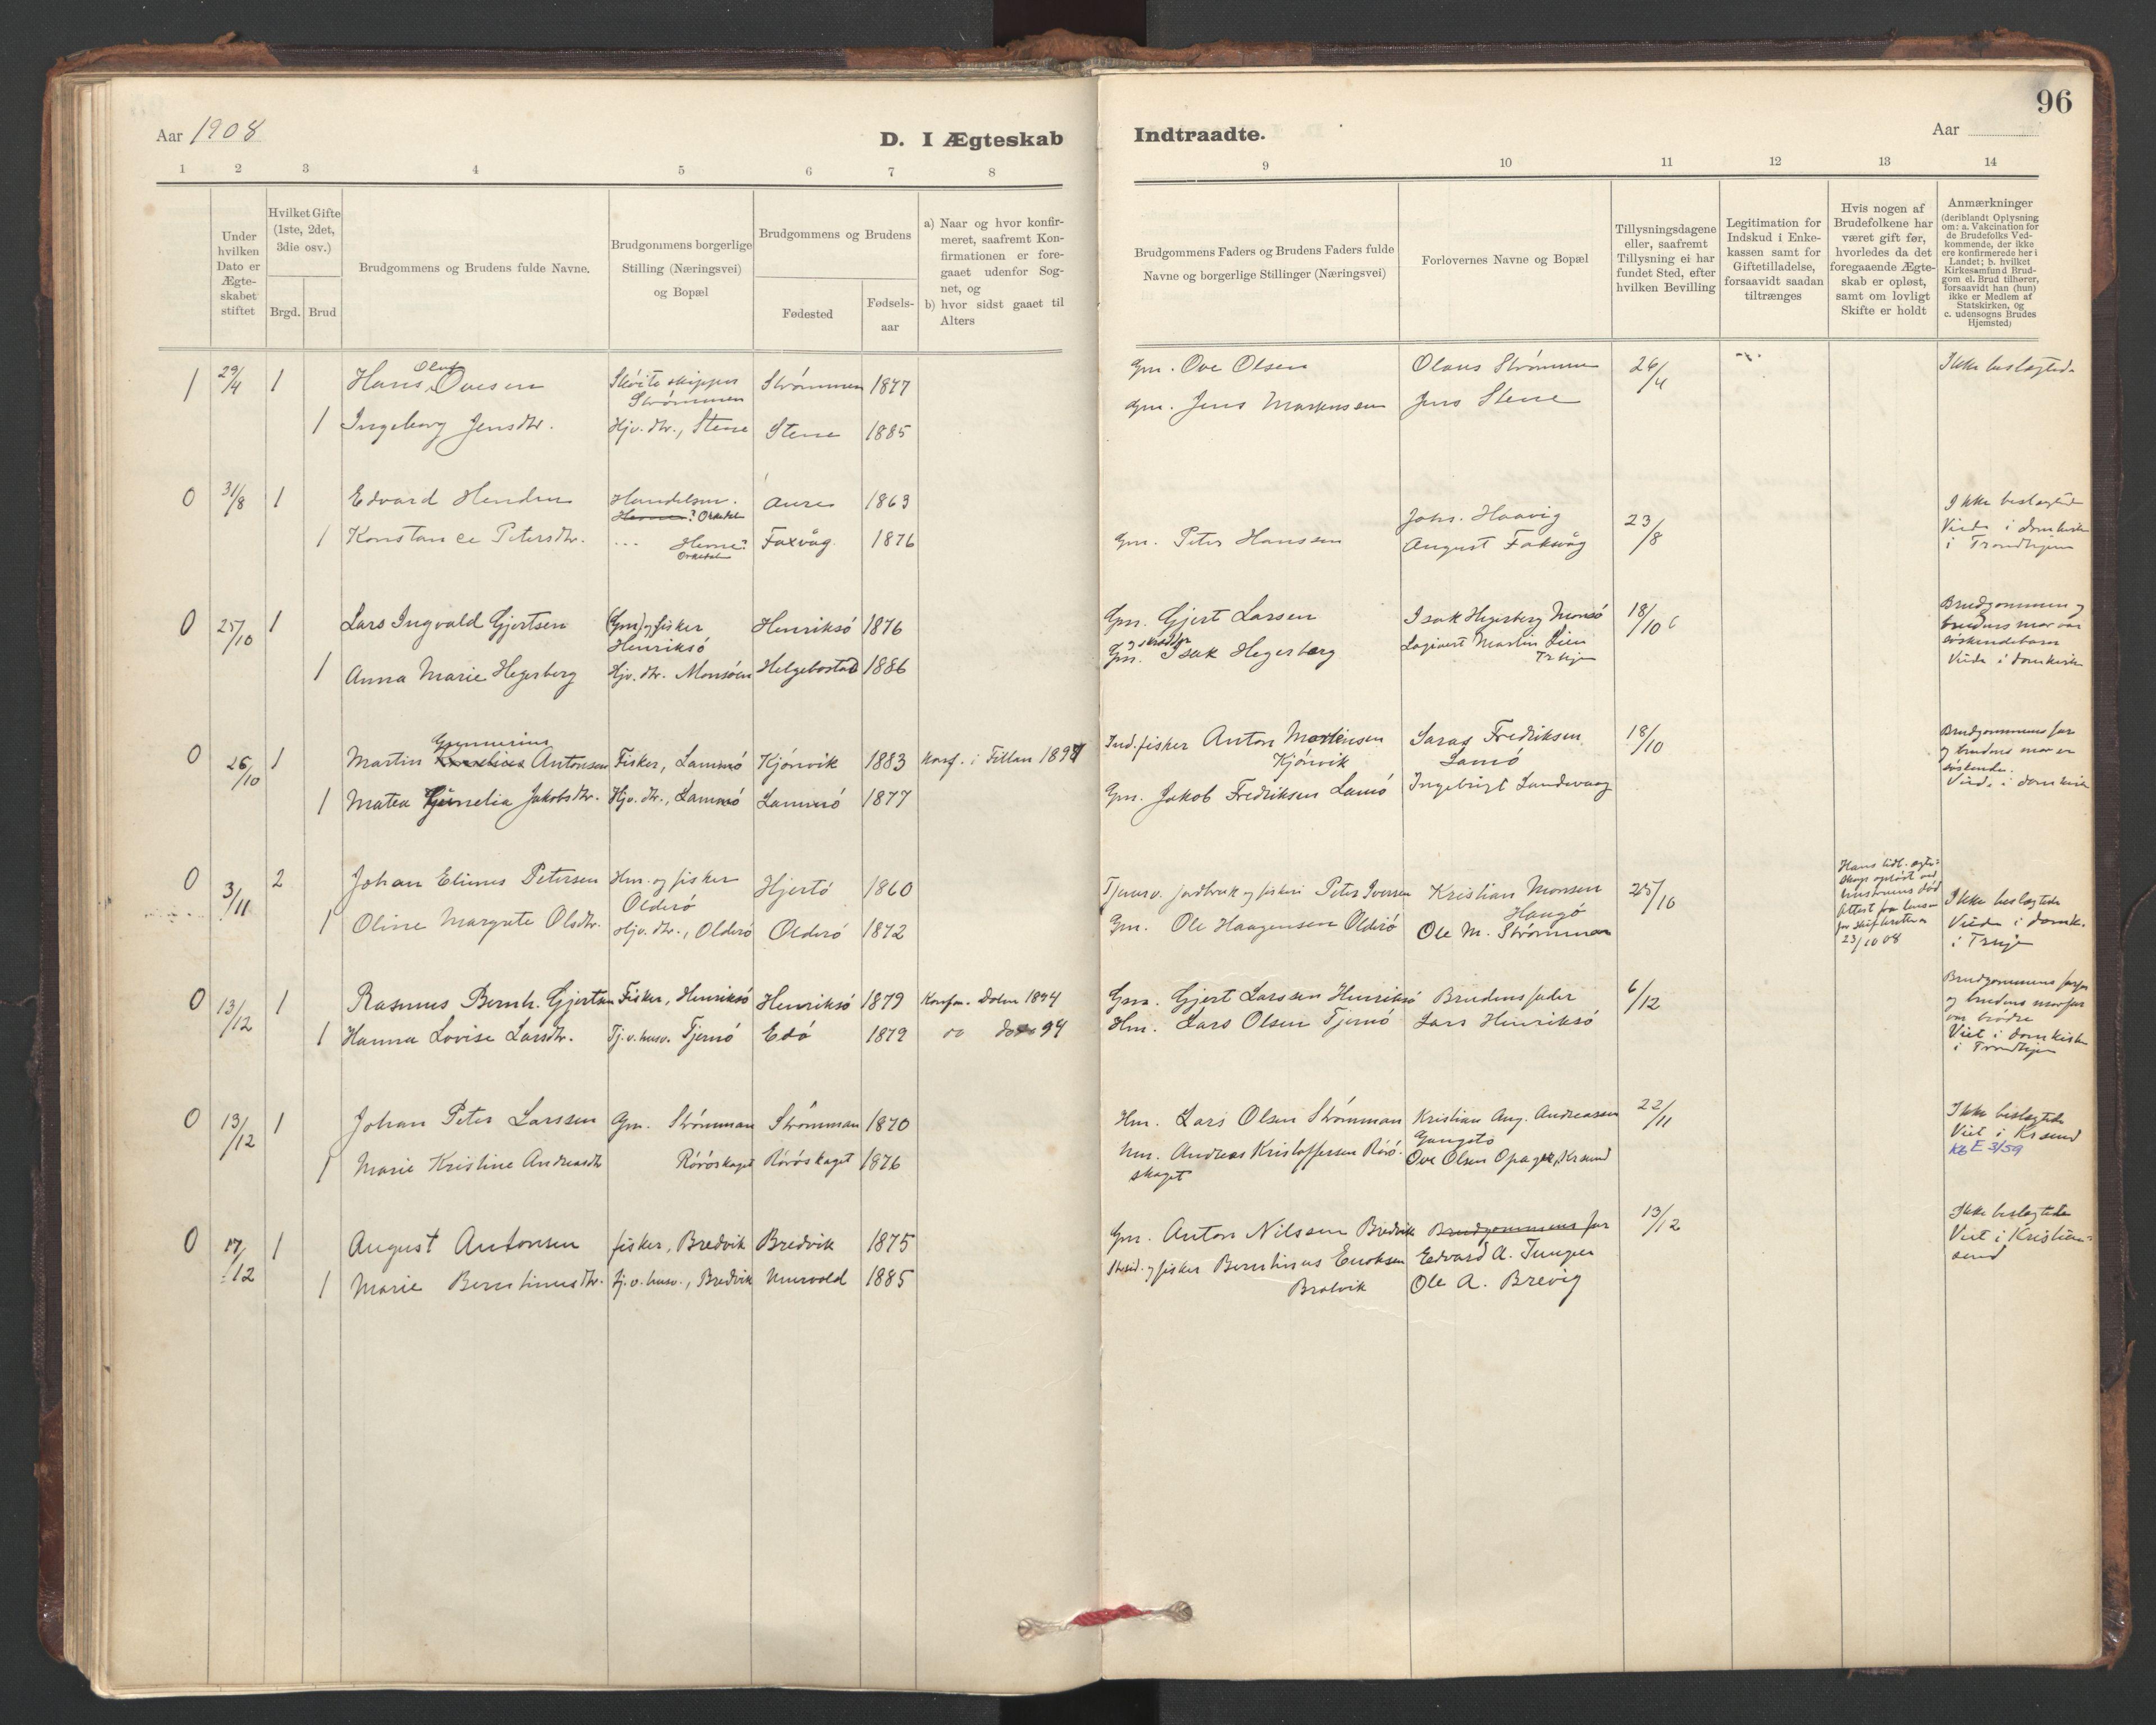 SAT, Ministerialprotokoller, klokkerbøker og fødselsregistre - Sør-Trøndelag, 635/L0552: Ministerialbok nr. 635A02, 1899-1919, s. 96